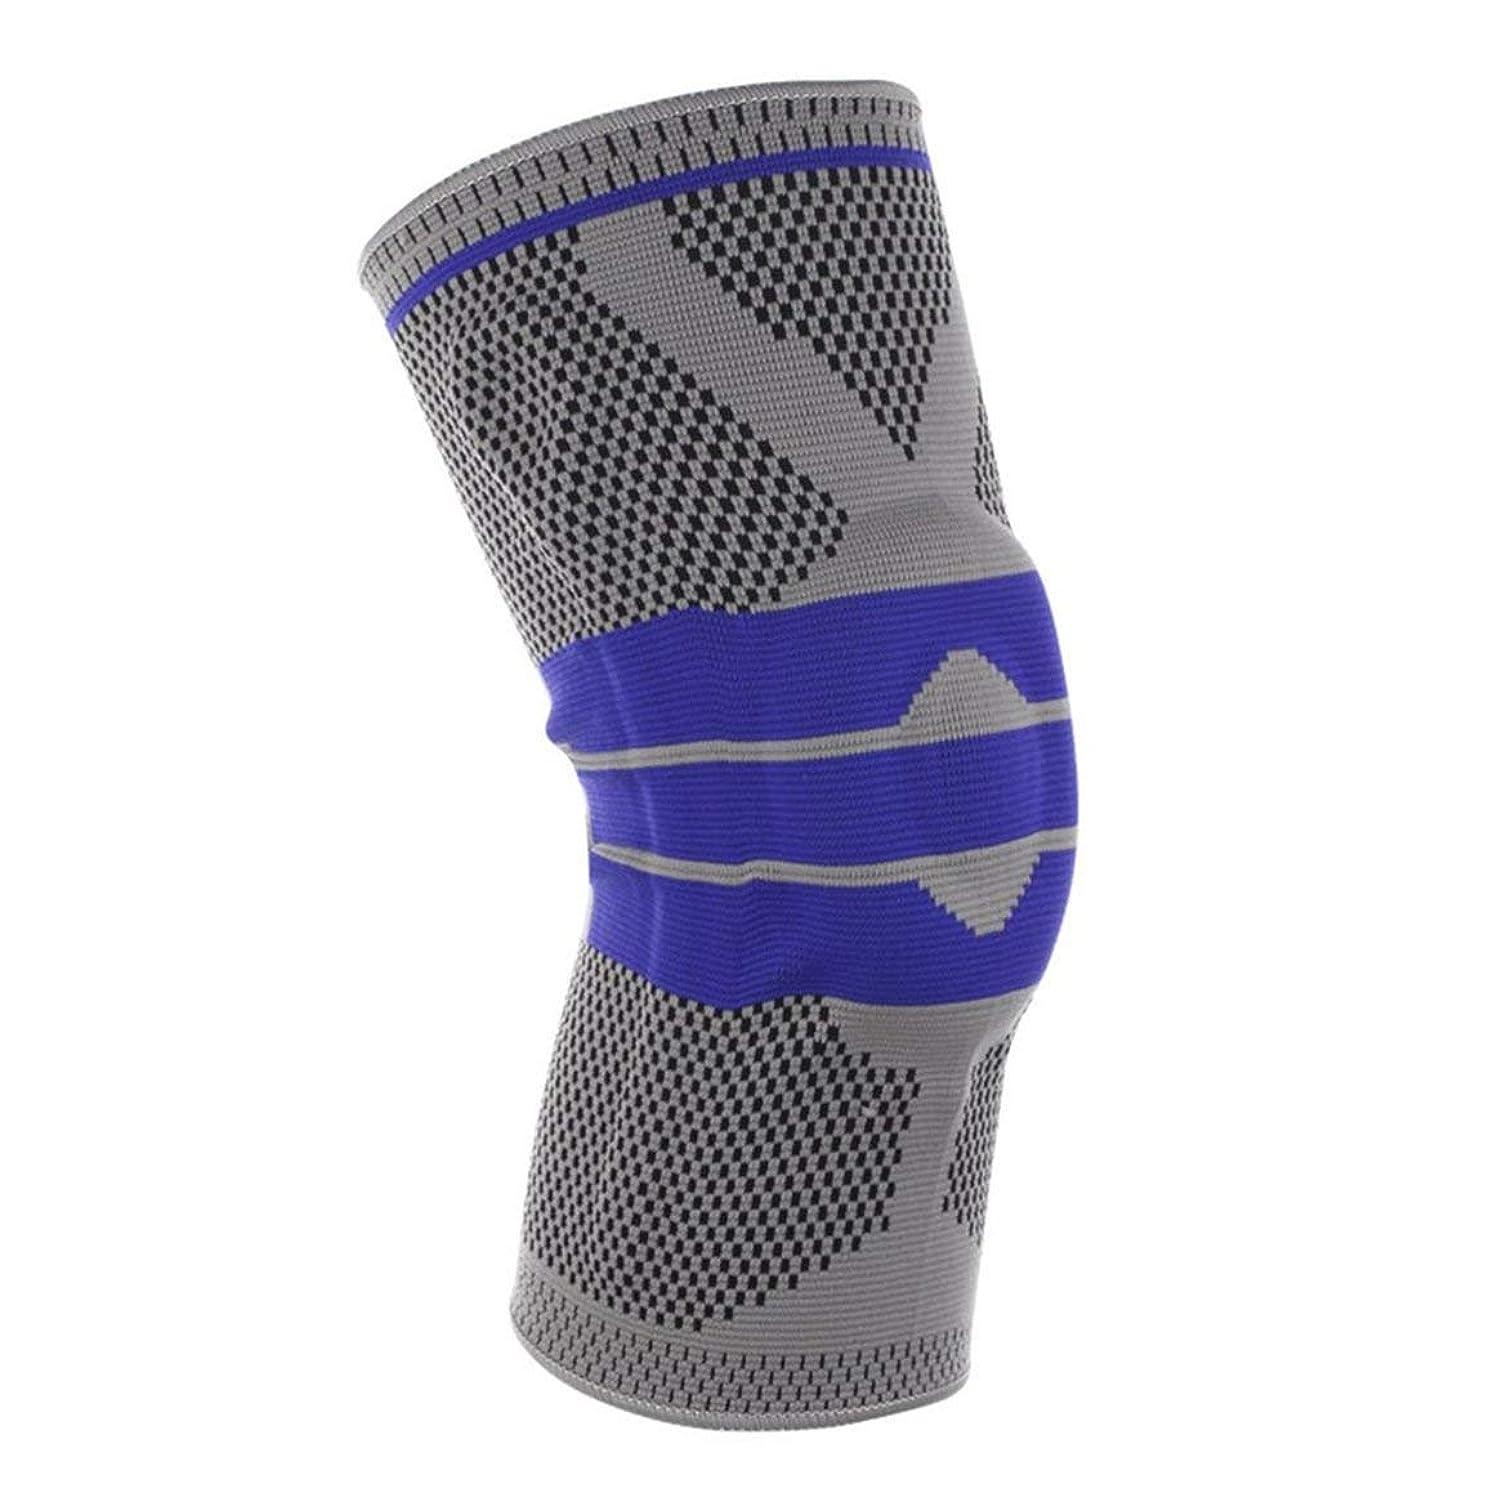 しばしば準備タッチフル膝プロテクター秋冬フルシーズン弾性通気性膝パッドレリーフ防止スポーツ膝サポートブレース - グレーS